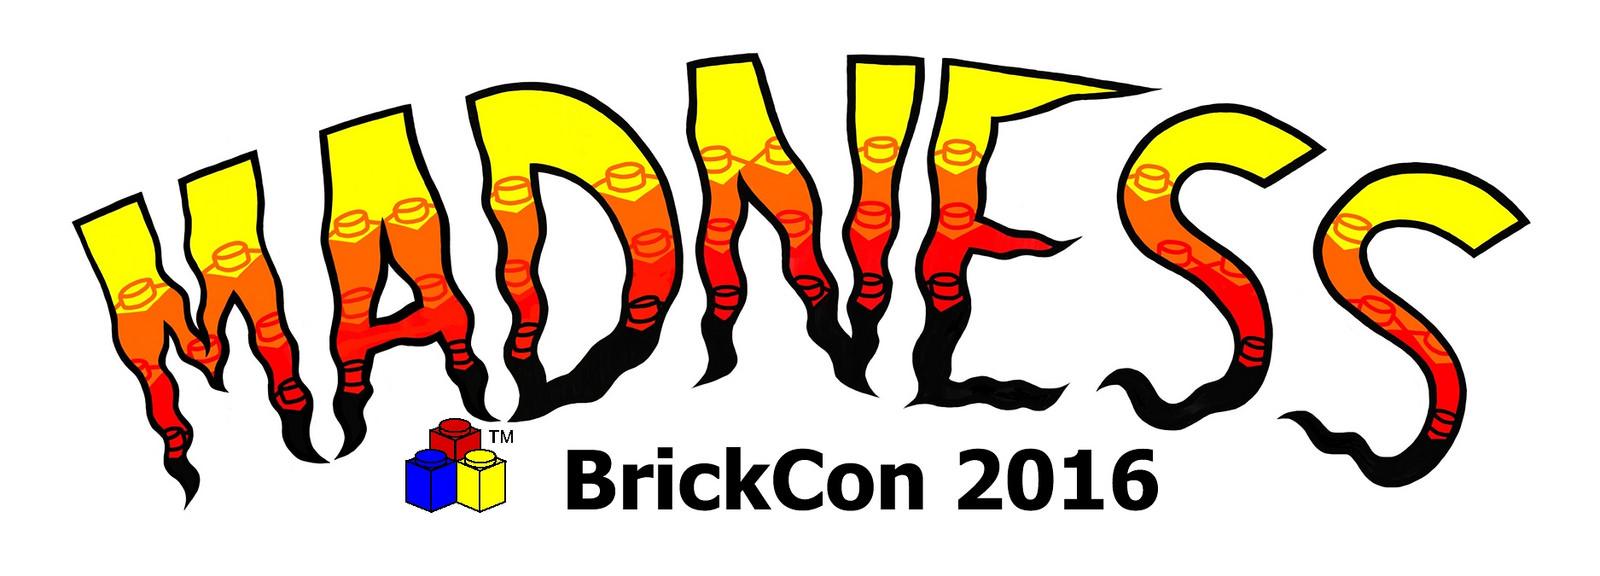 BrickCon 2016: MADNESS